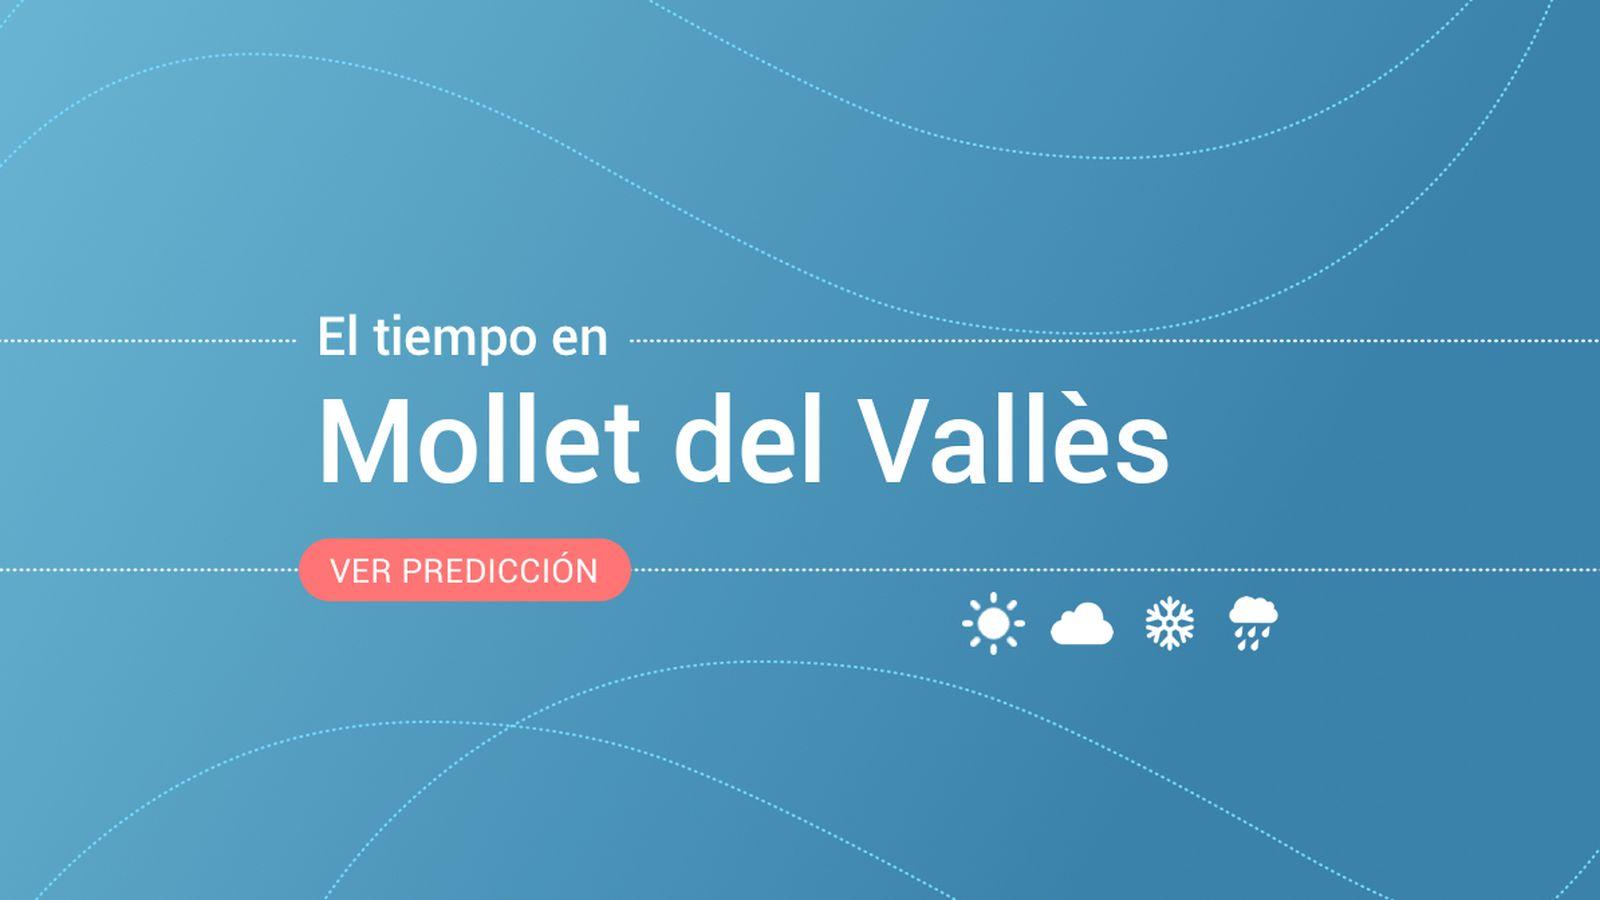 Foto: El tiempo en Mollet del Vallès. (EC)